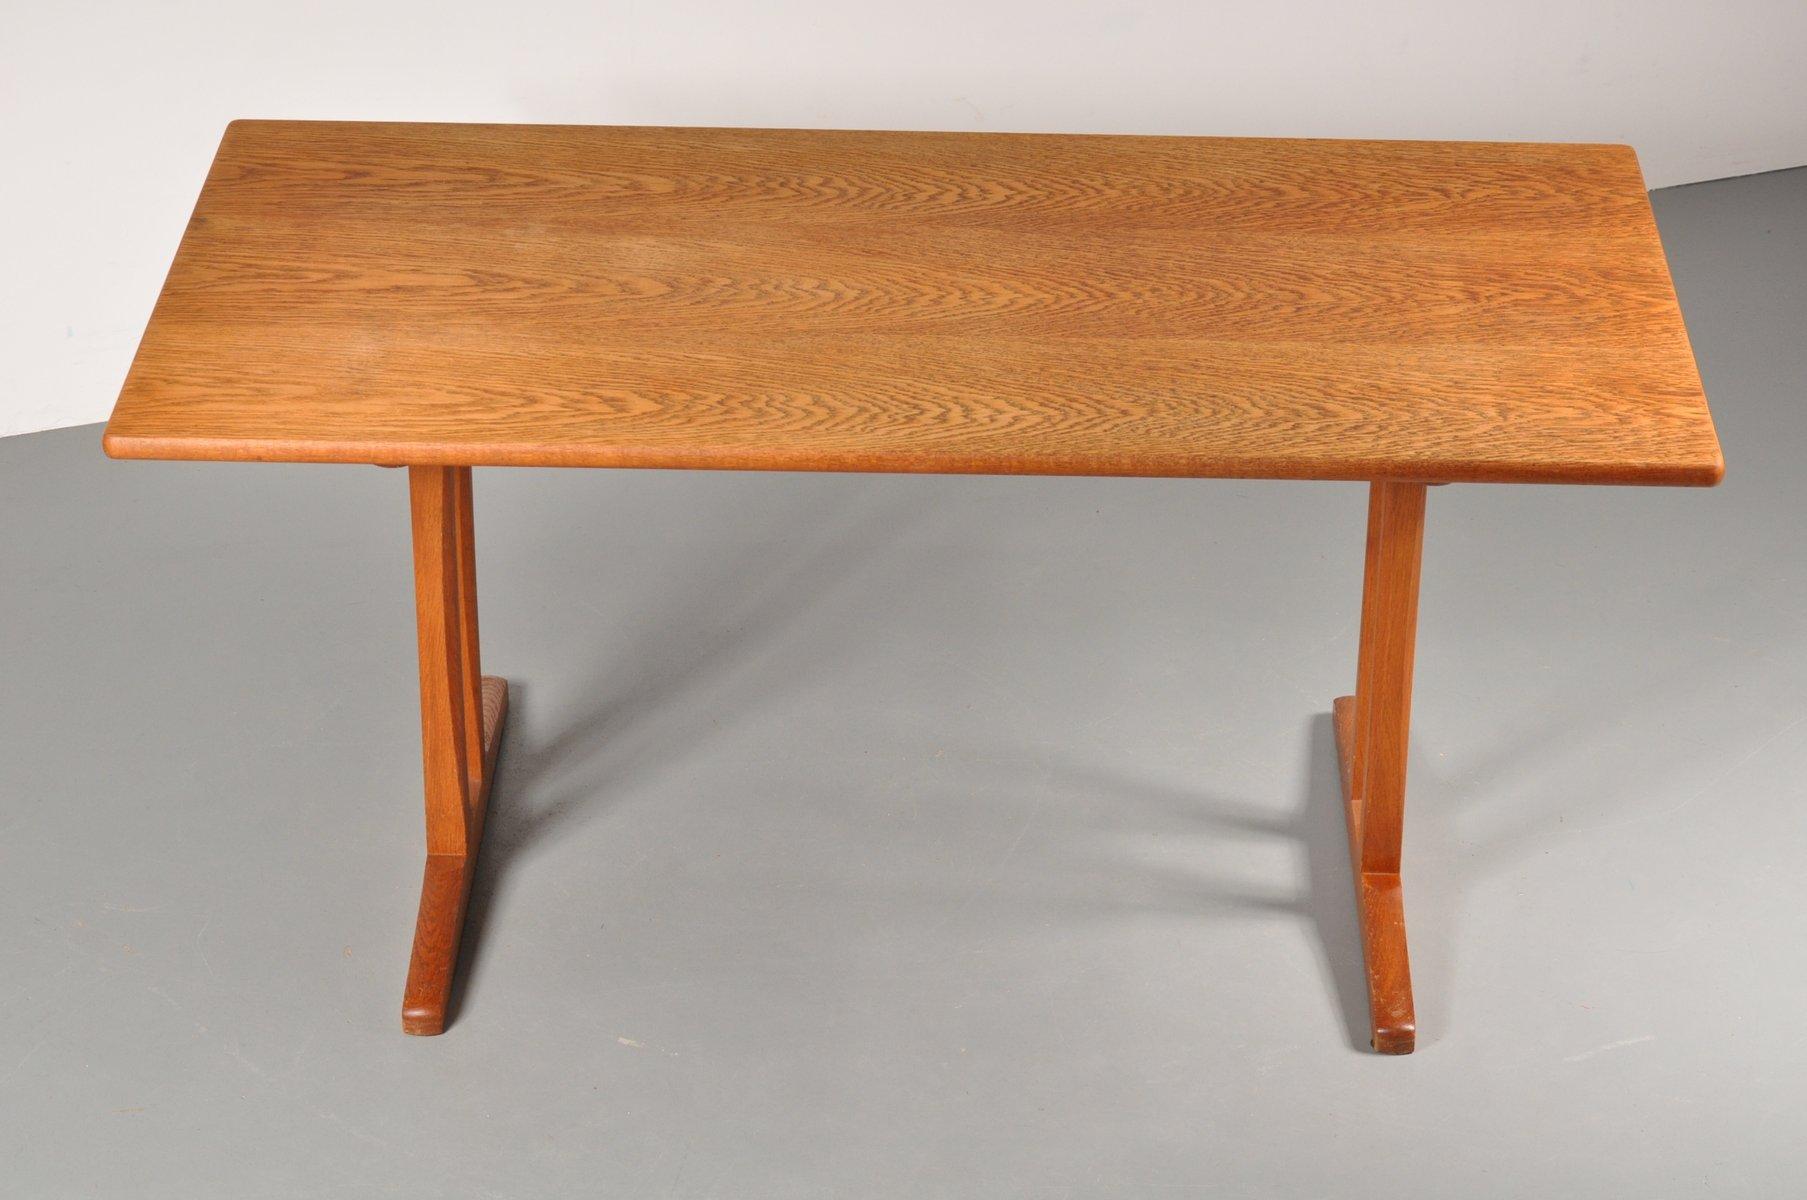 skandinavischer shaker esstisch von borge mogensen f r fdb 1960er bei pamono kaufen. Black Bedroom Furniture Sets. Home Design Ideas